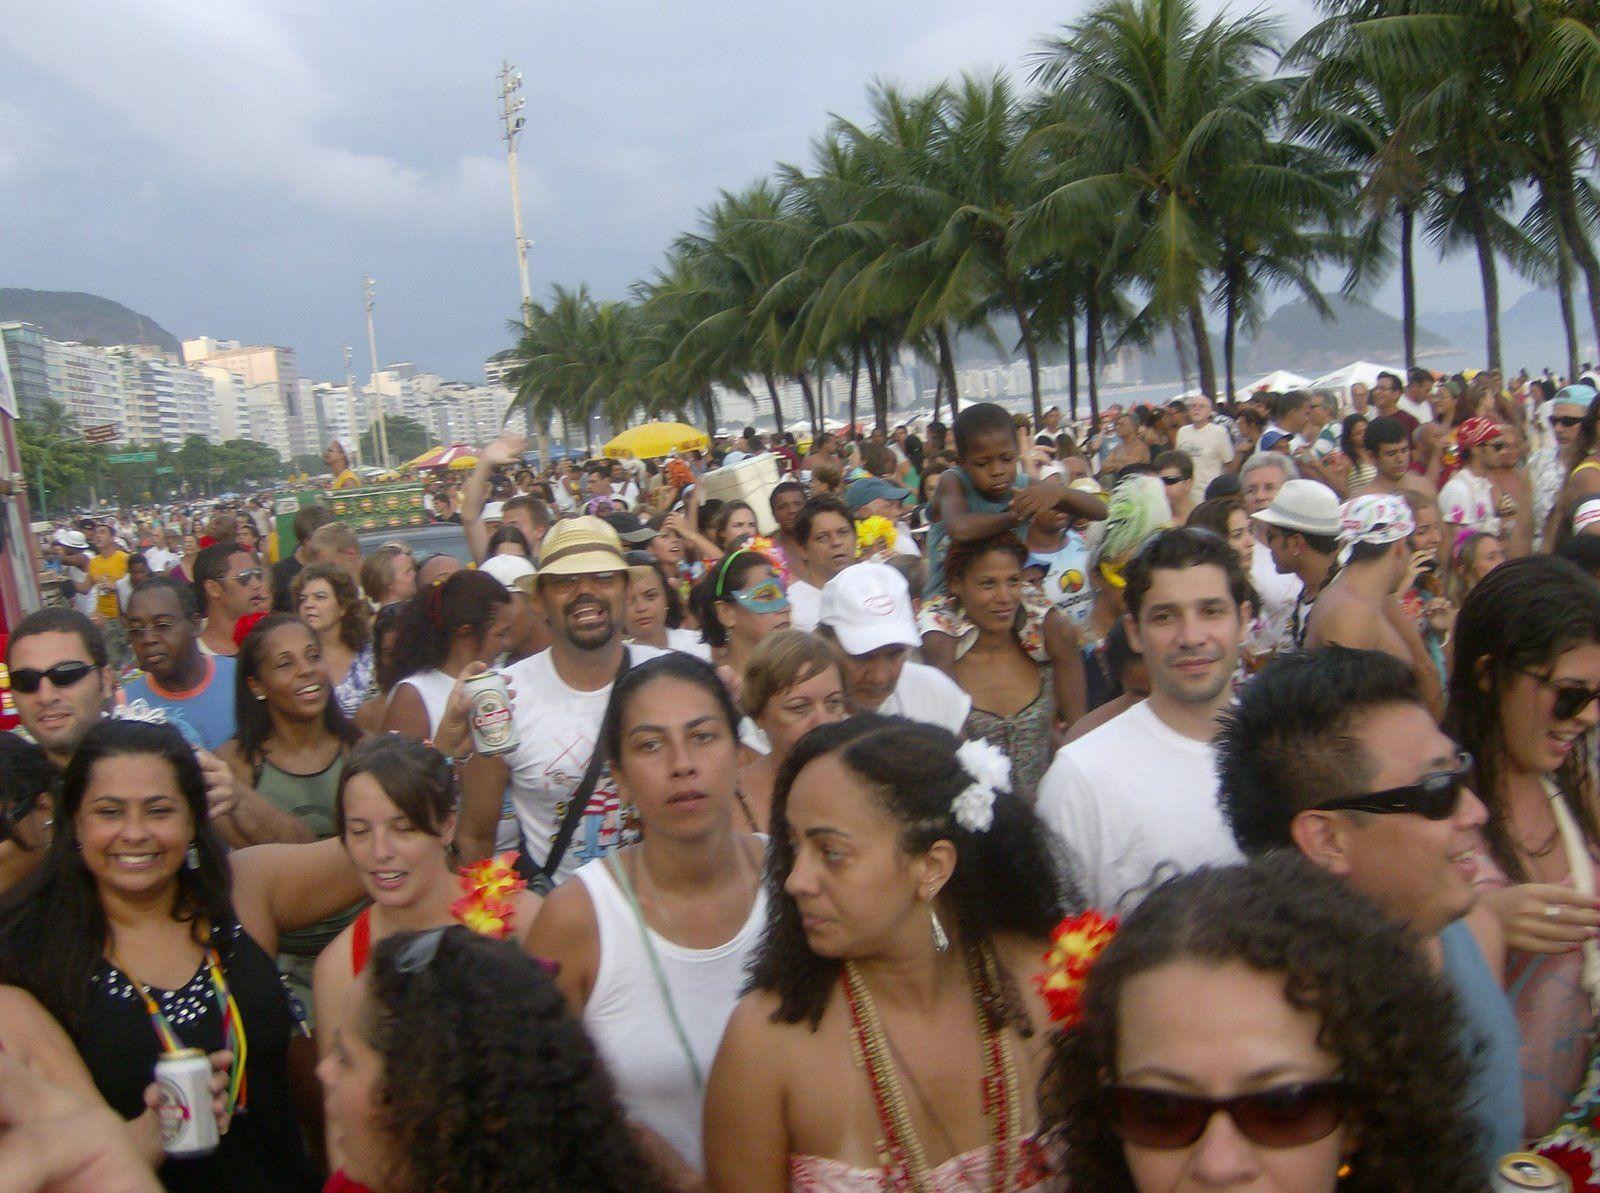 """O bloco sai em Copacabana, dia 12, domingo de carnaval, às 16h. Concentra na Rua Santa Clara, esquina Avenida Atlântica e segue até a rua Almirante. Fundando por João Nogueira, o bloco é um dos mais tradicionais do carnaval carioca. Obs: As informações são de responsabilidade dos blocos. Estão sujeitas a alterações de data e...<br /><a class=""""more-link"""" href=""""https://catracalivre.com.br/rio/agenda/barato/clube-do-samba/"""">Continue lendo »</a>"""